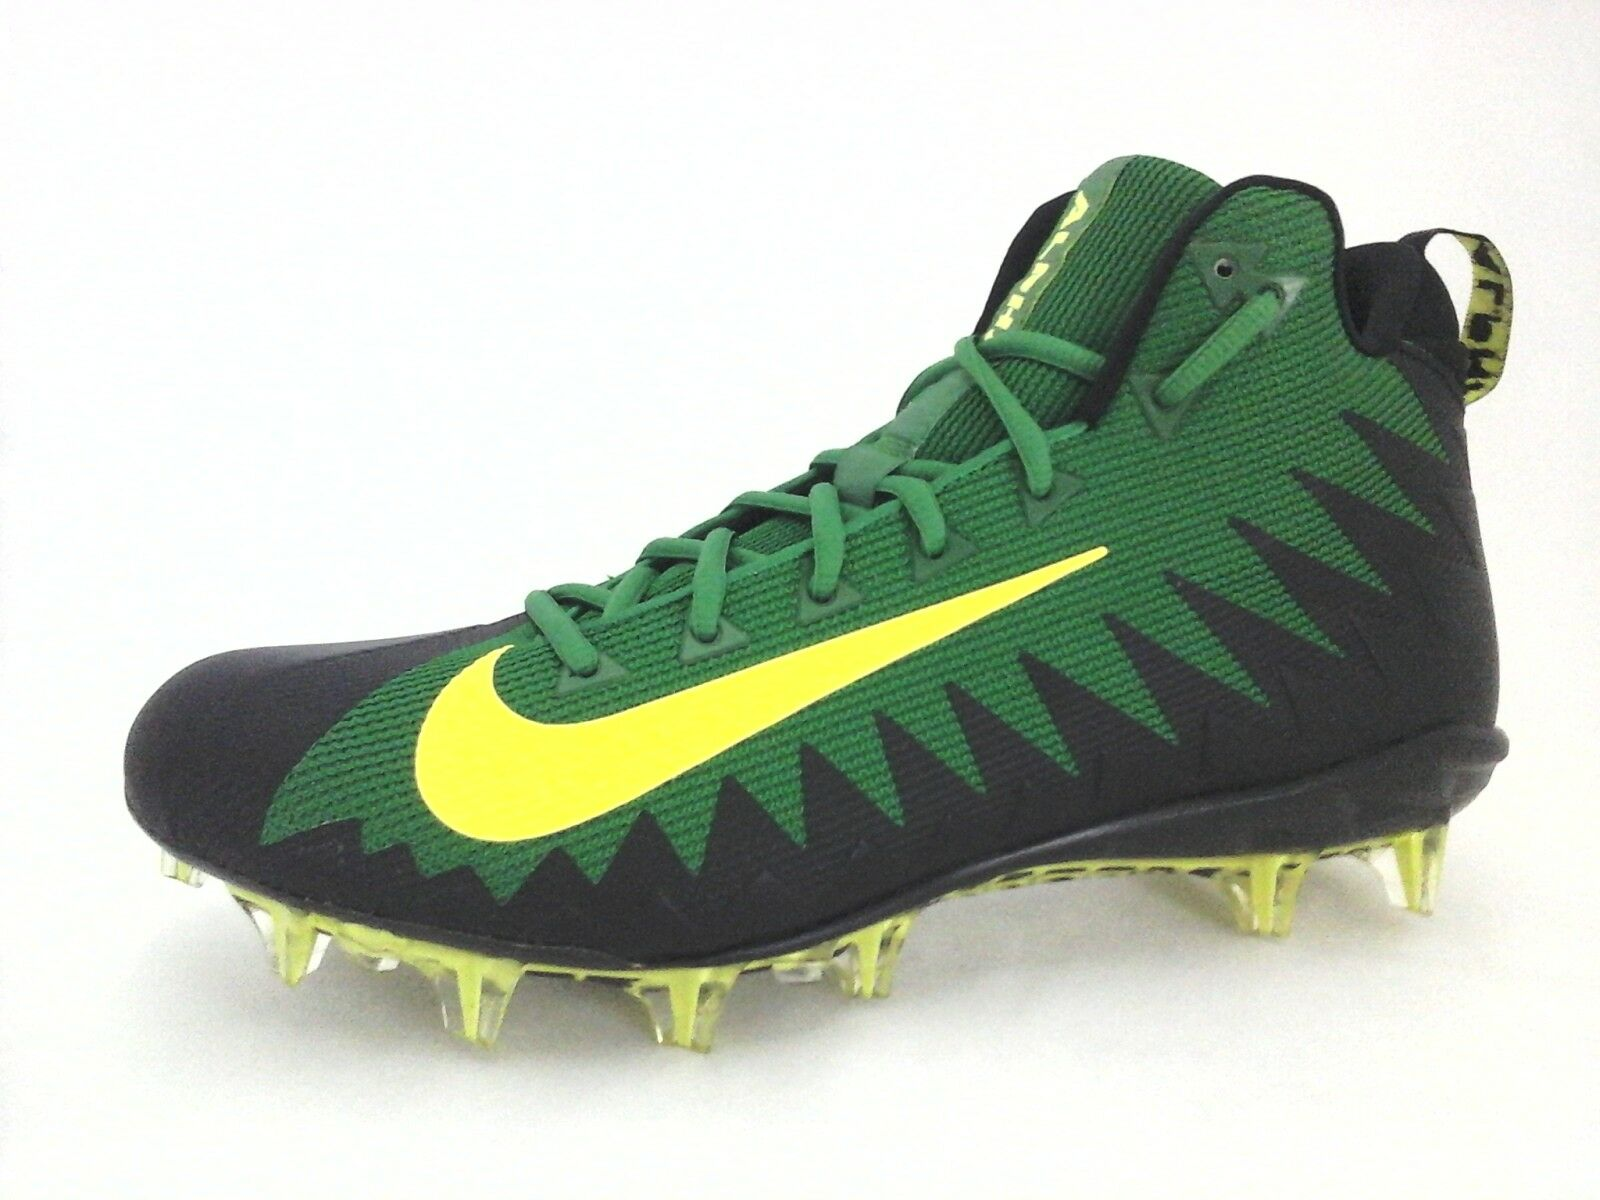 NIKE ALPHA MENACE Elite Football Cleats shoes Green Volt 884527 Mens US 12